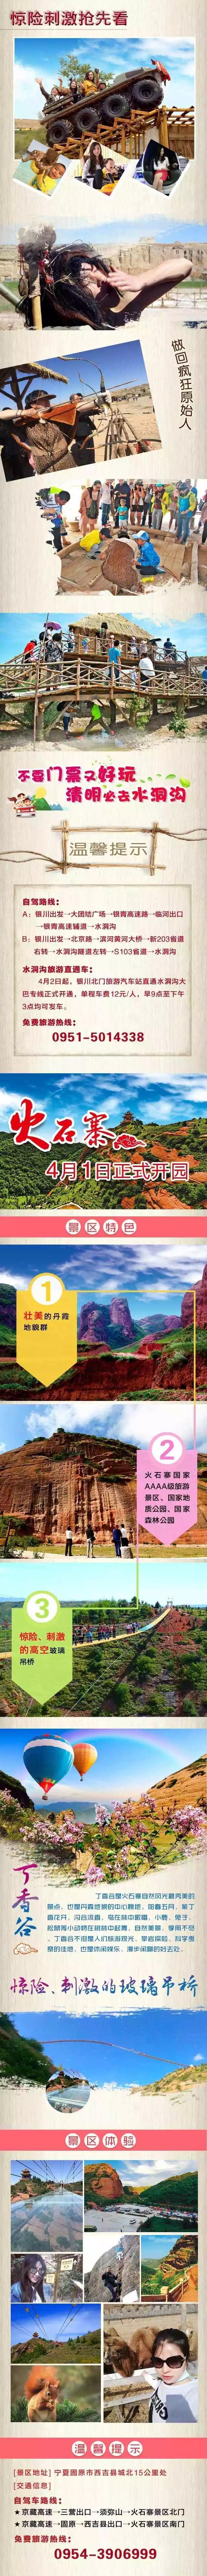 宁夏火石寨2017清明节活动